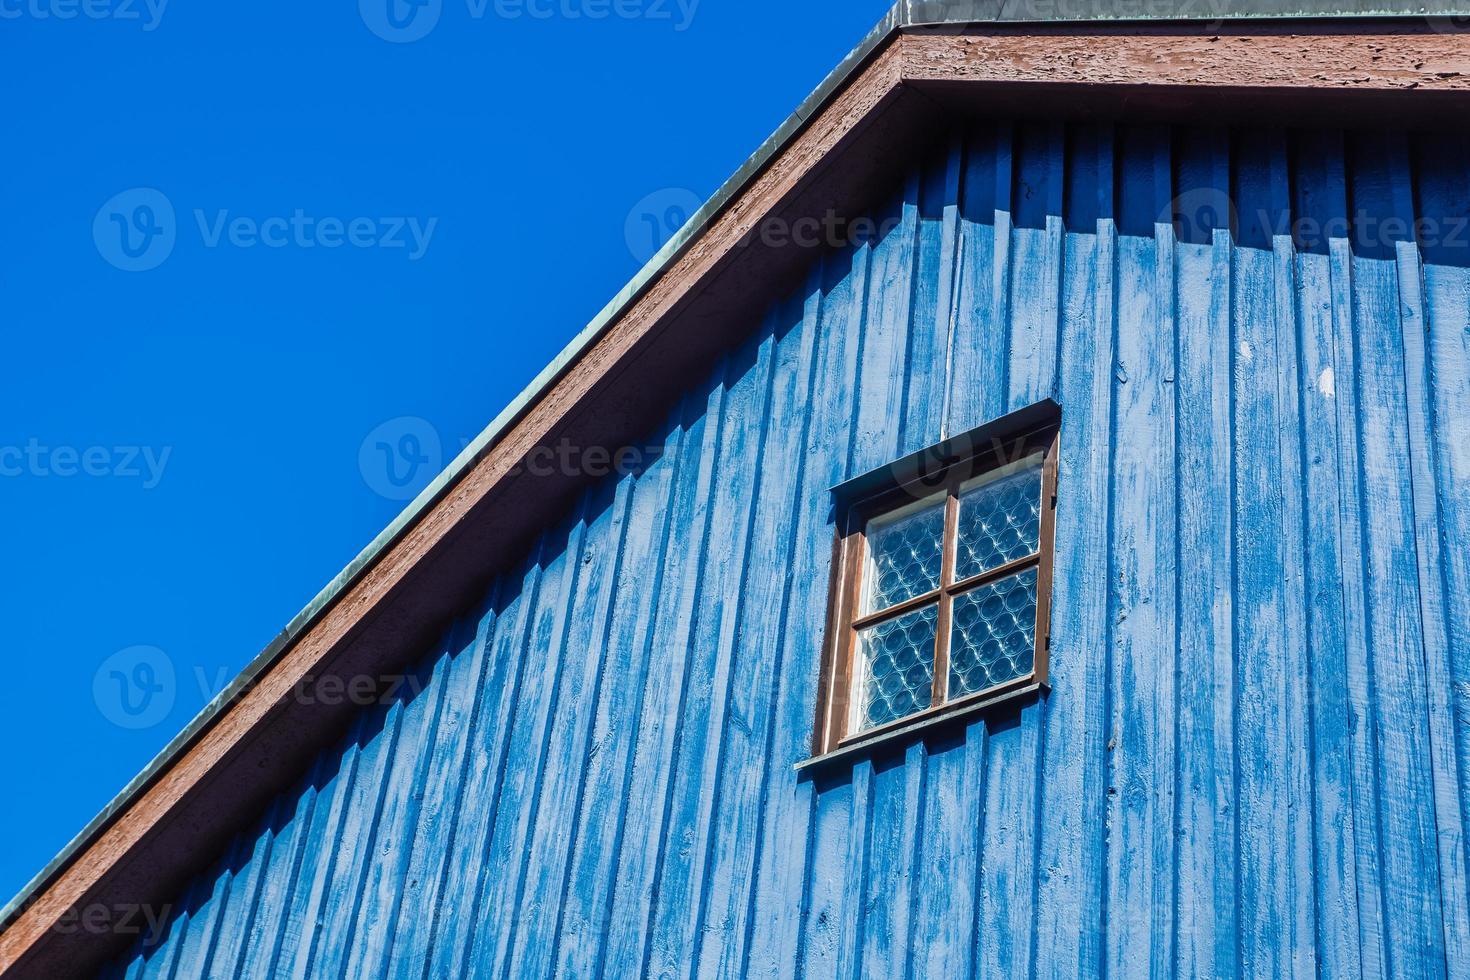 Facade of the wooden house photo